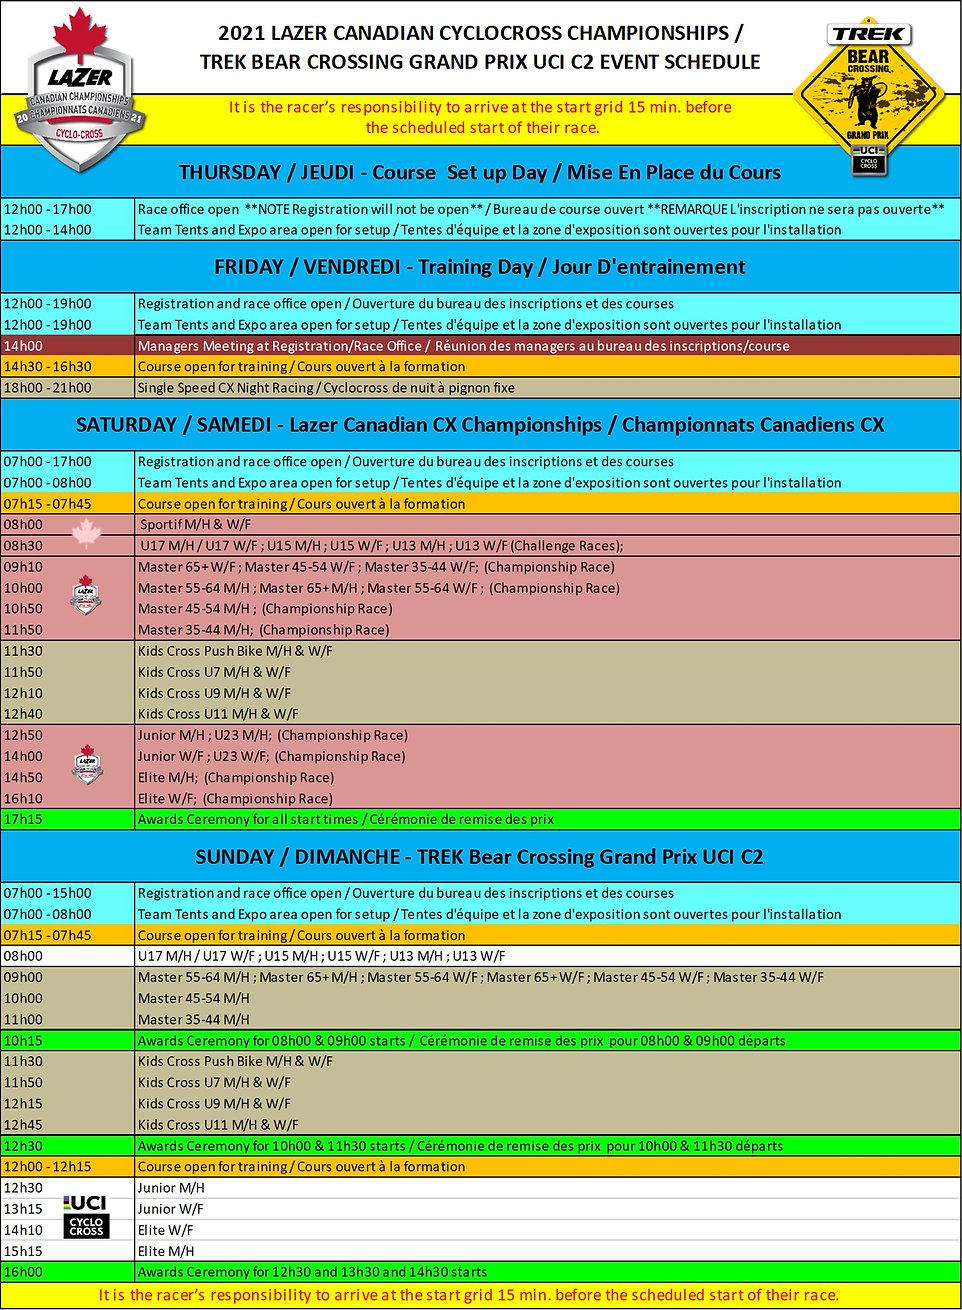 BCGP_Schedule_Oct72021_nofees.jpg